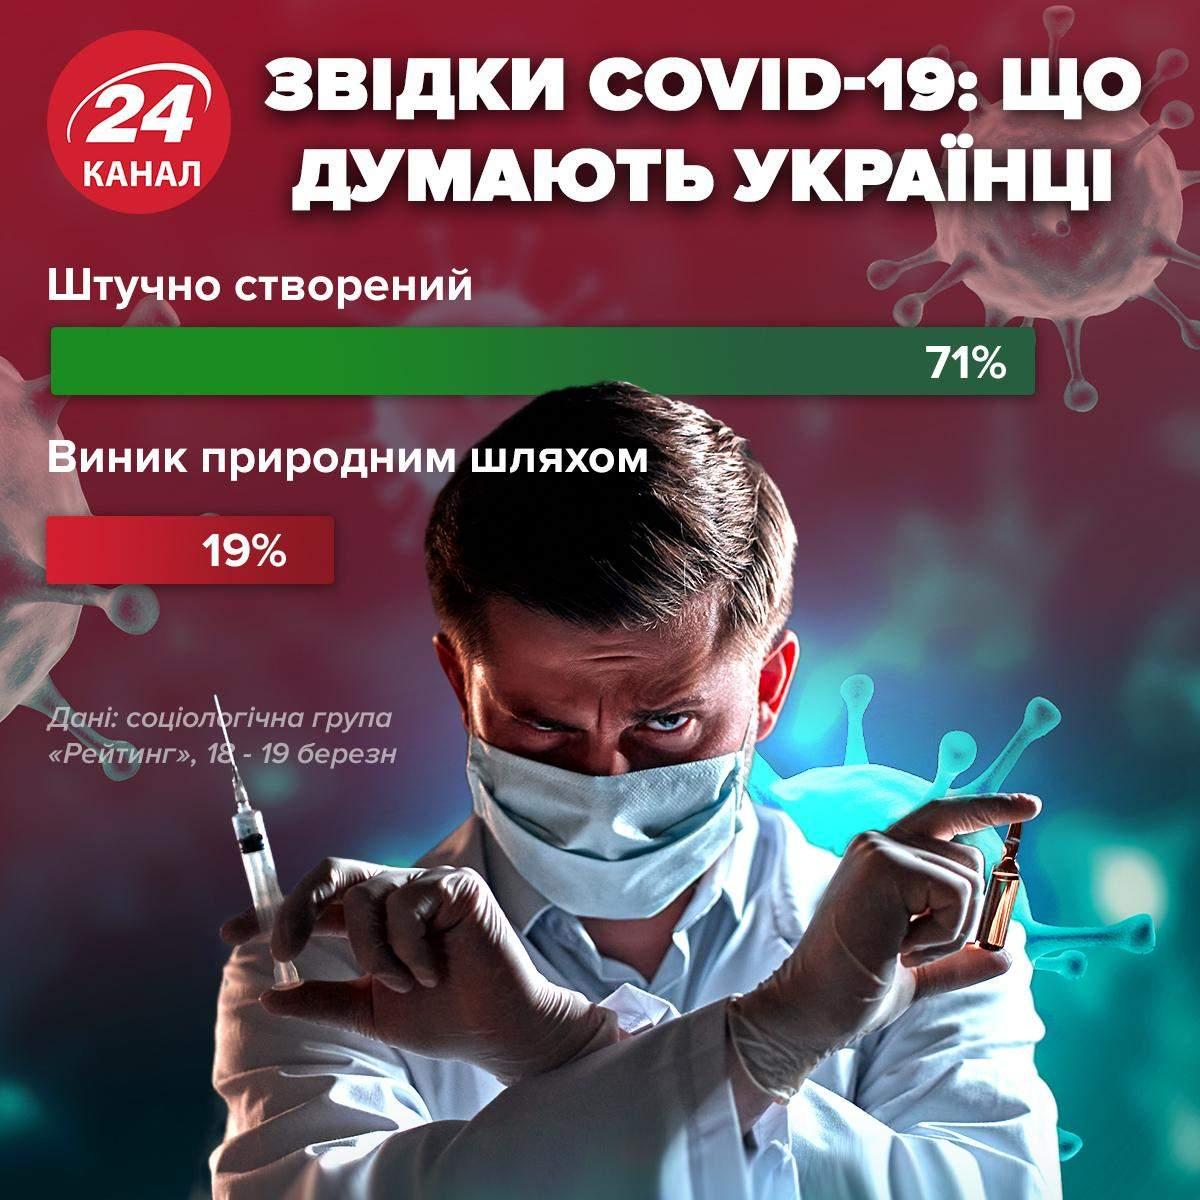 Що думають українці про походження коронавірусу / Інфографіка 24 каналу